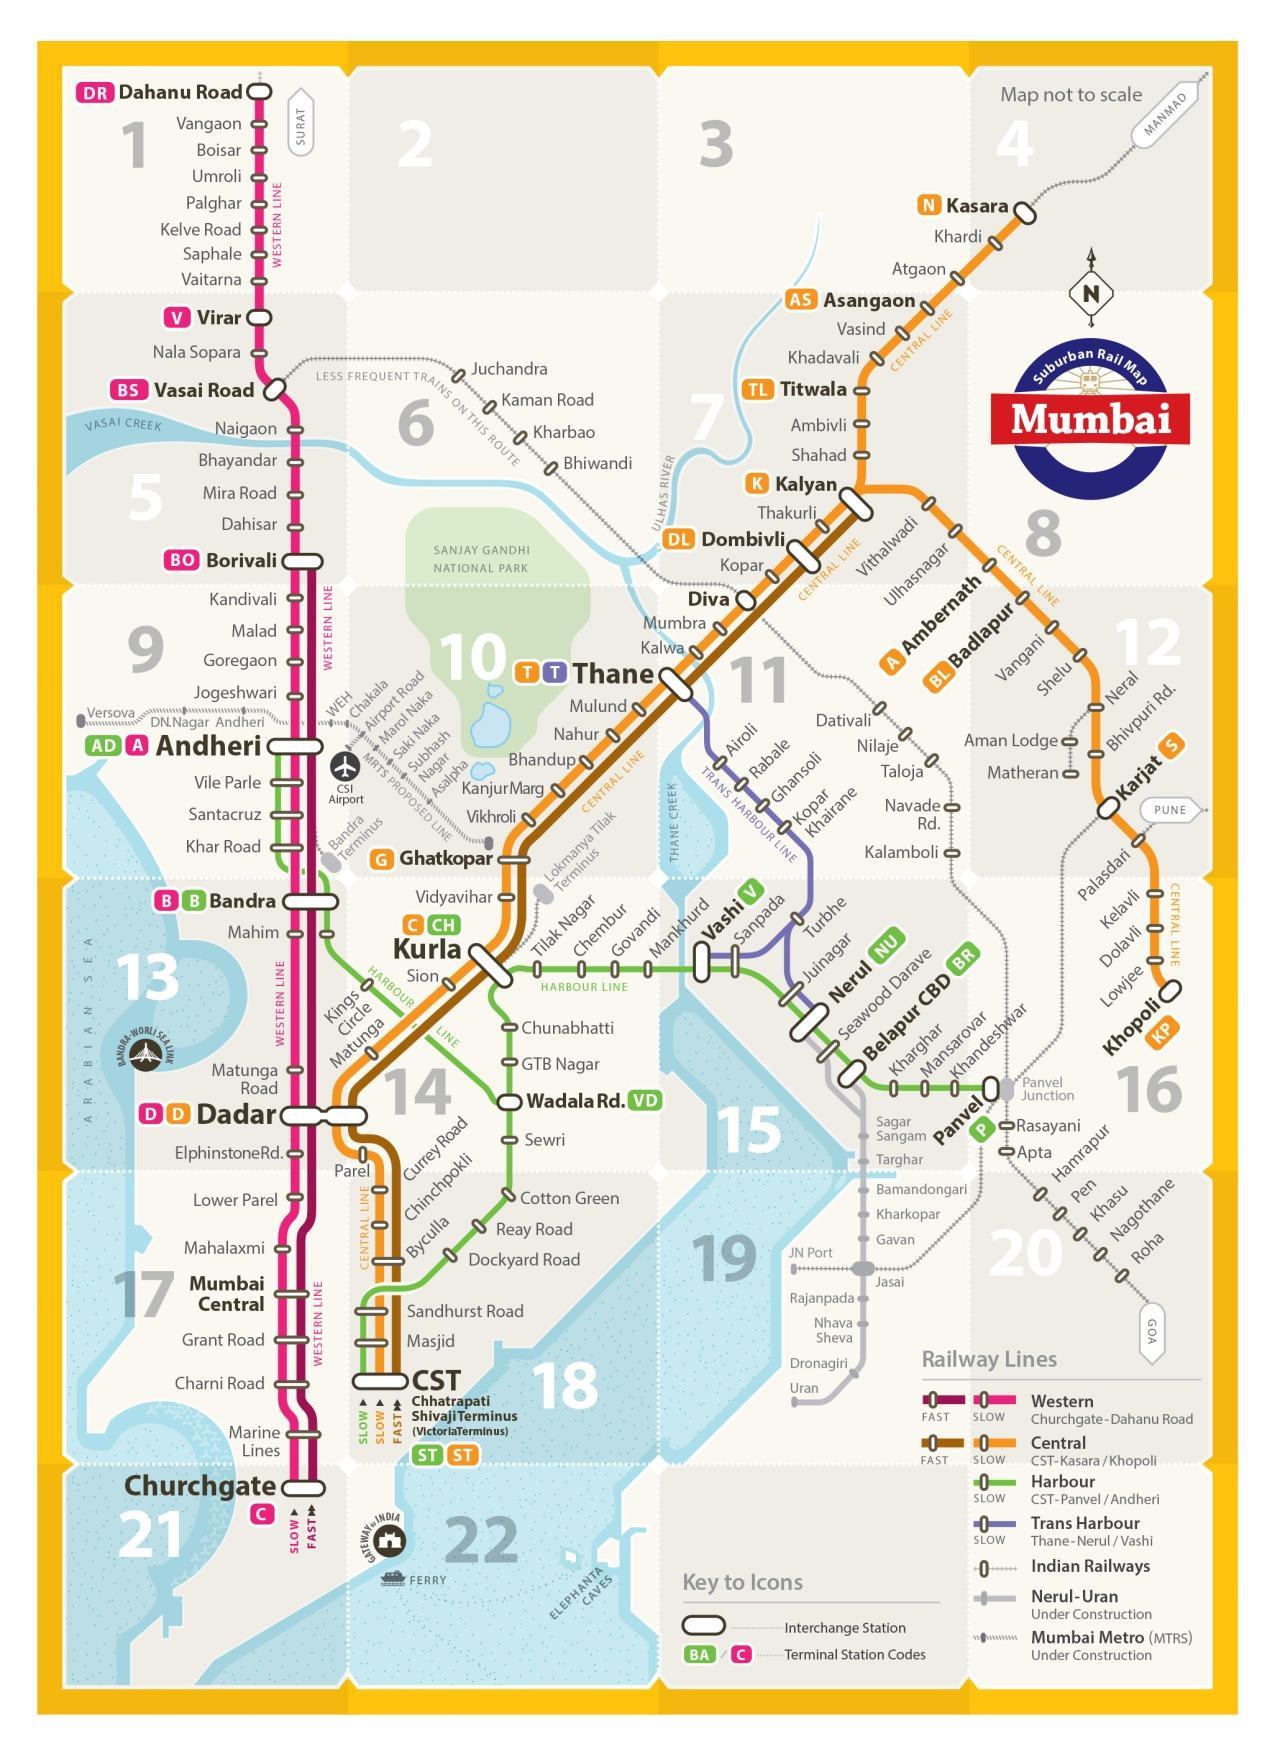 linha do oeste mapa Mumbai linha do oeste do mapa   linha do Oeste do mapa de Mumbai  linha do oeste mapa